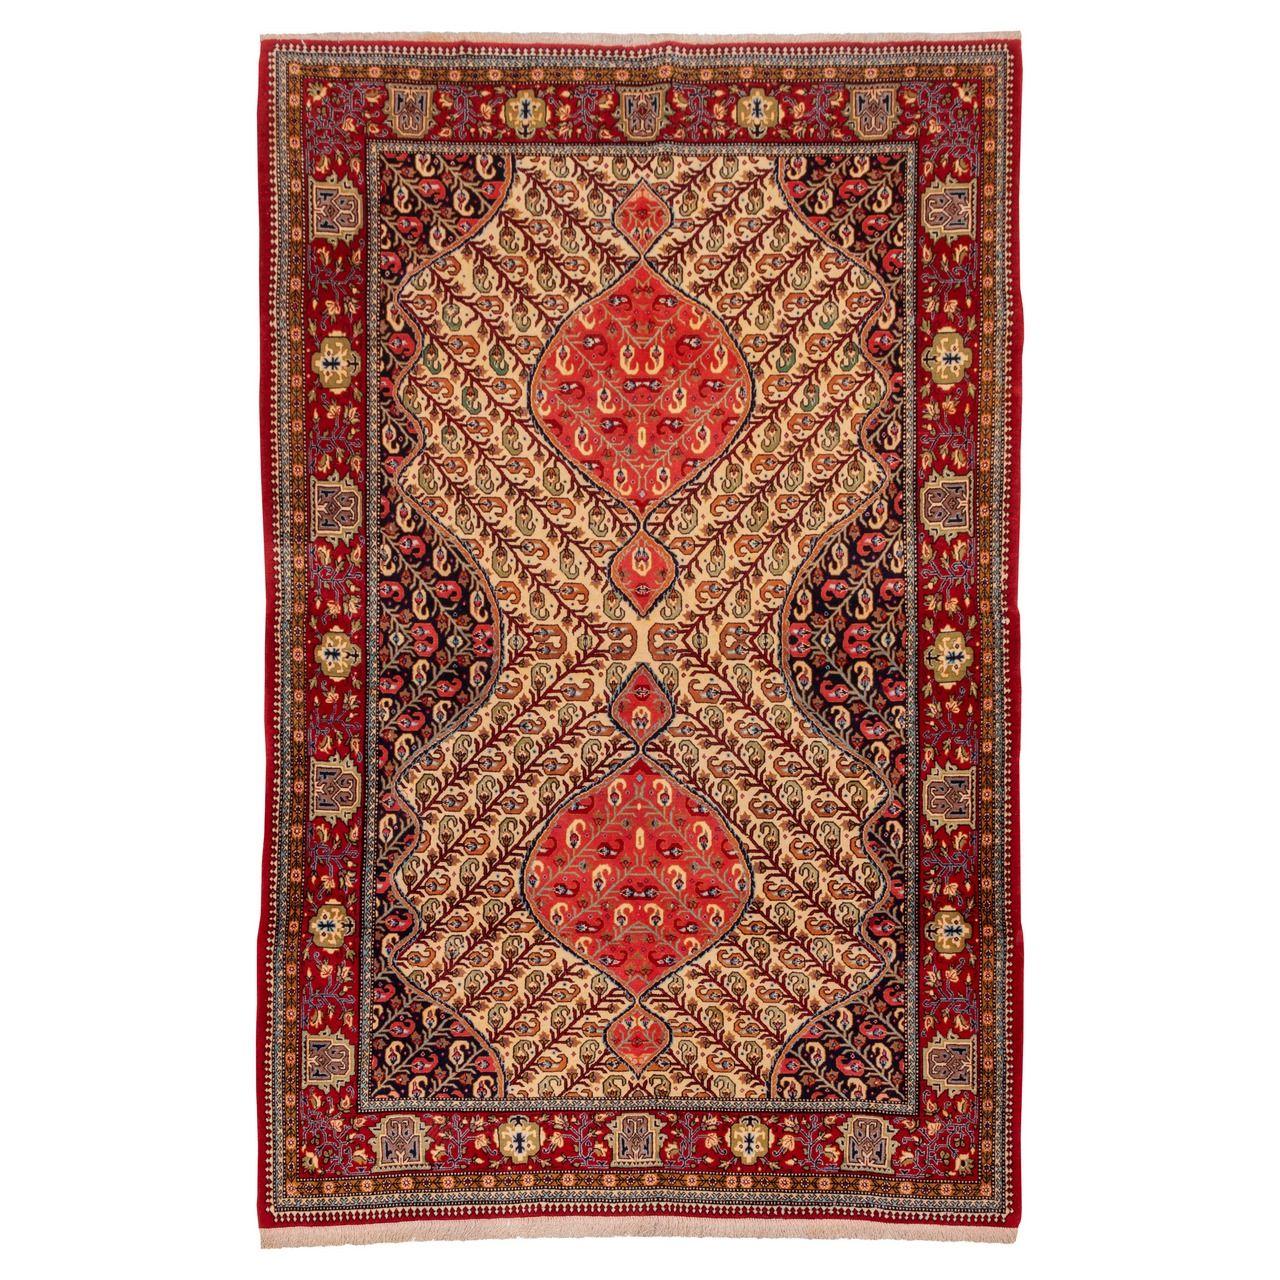 فرش دستباف قدیمی دو و نیم متری سی پرشیا کد 181015